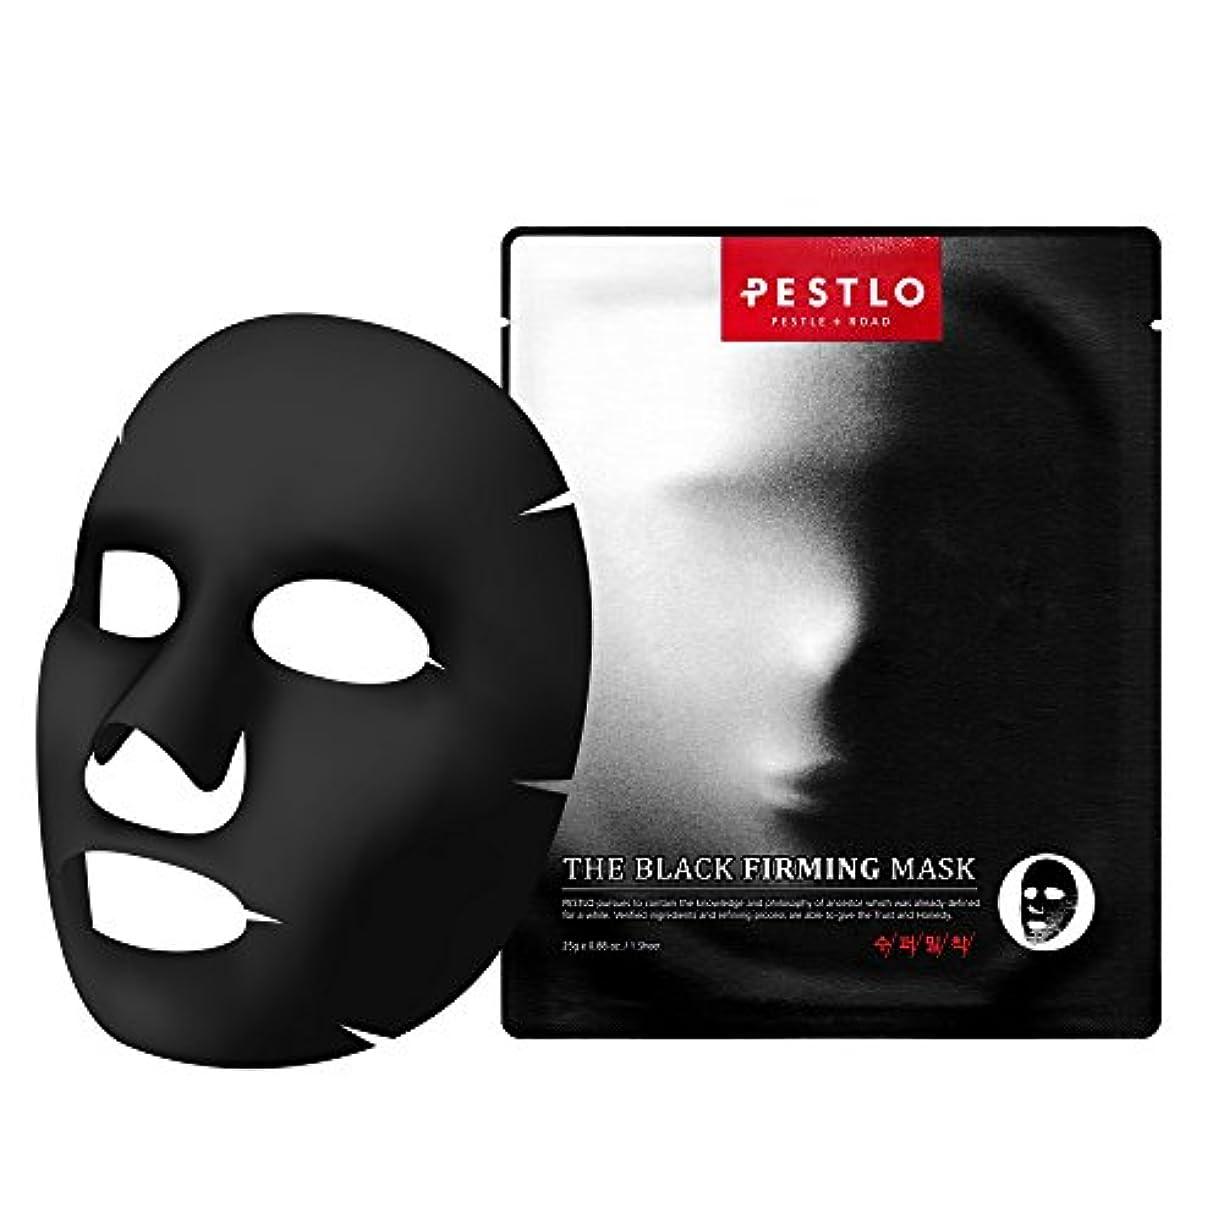 一口協力するラベンダーPestlo The Black Firming Mask 7 Sheets 【ペスロザブラックファーミングマスク】 - モイスチャ アンチエイジング 老化防止 抗酸化効果 透明スキンケア 韓国コスメ 1シート / 25g